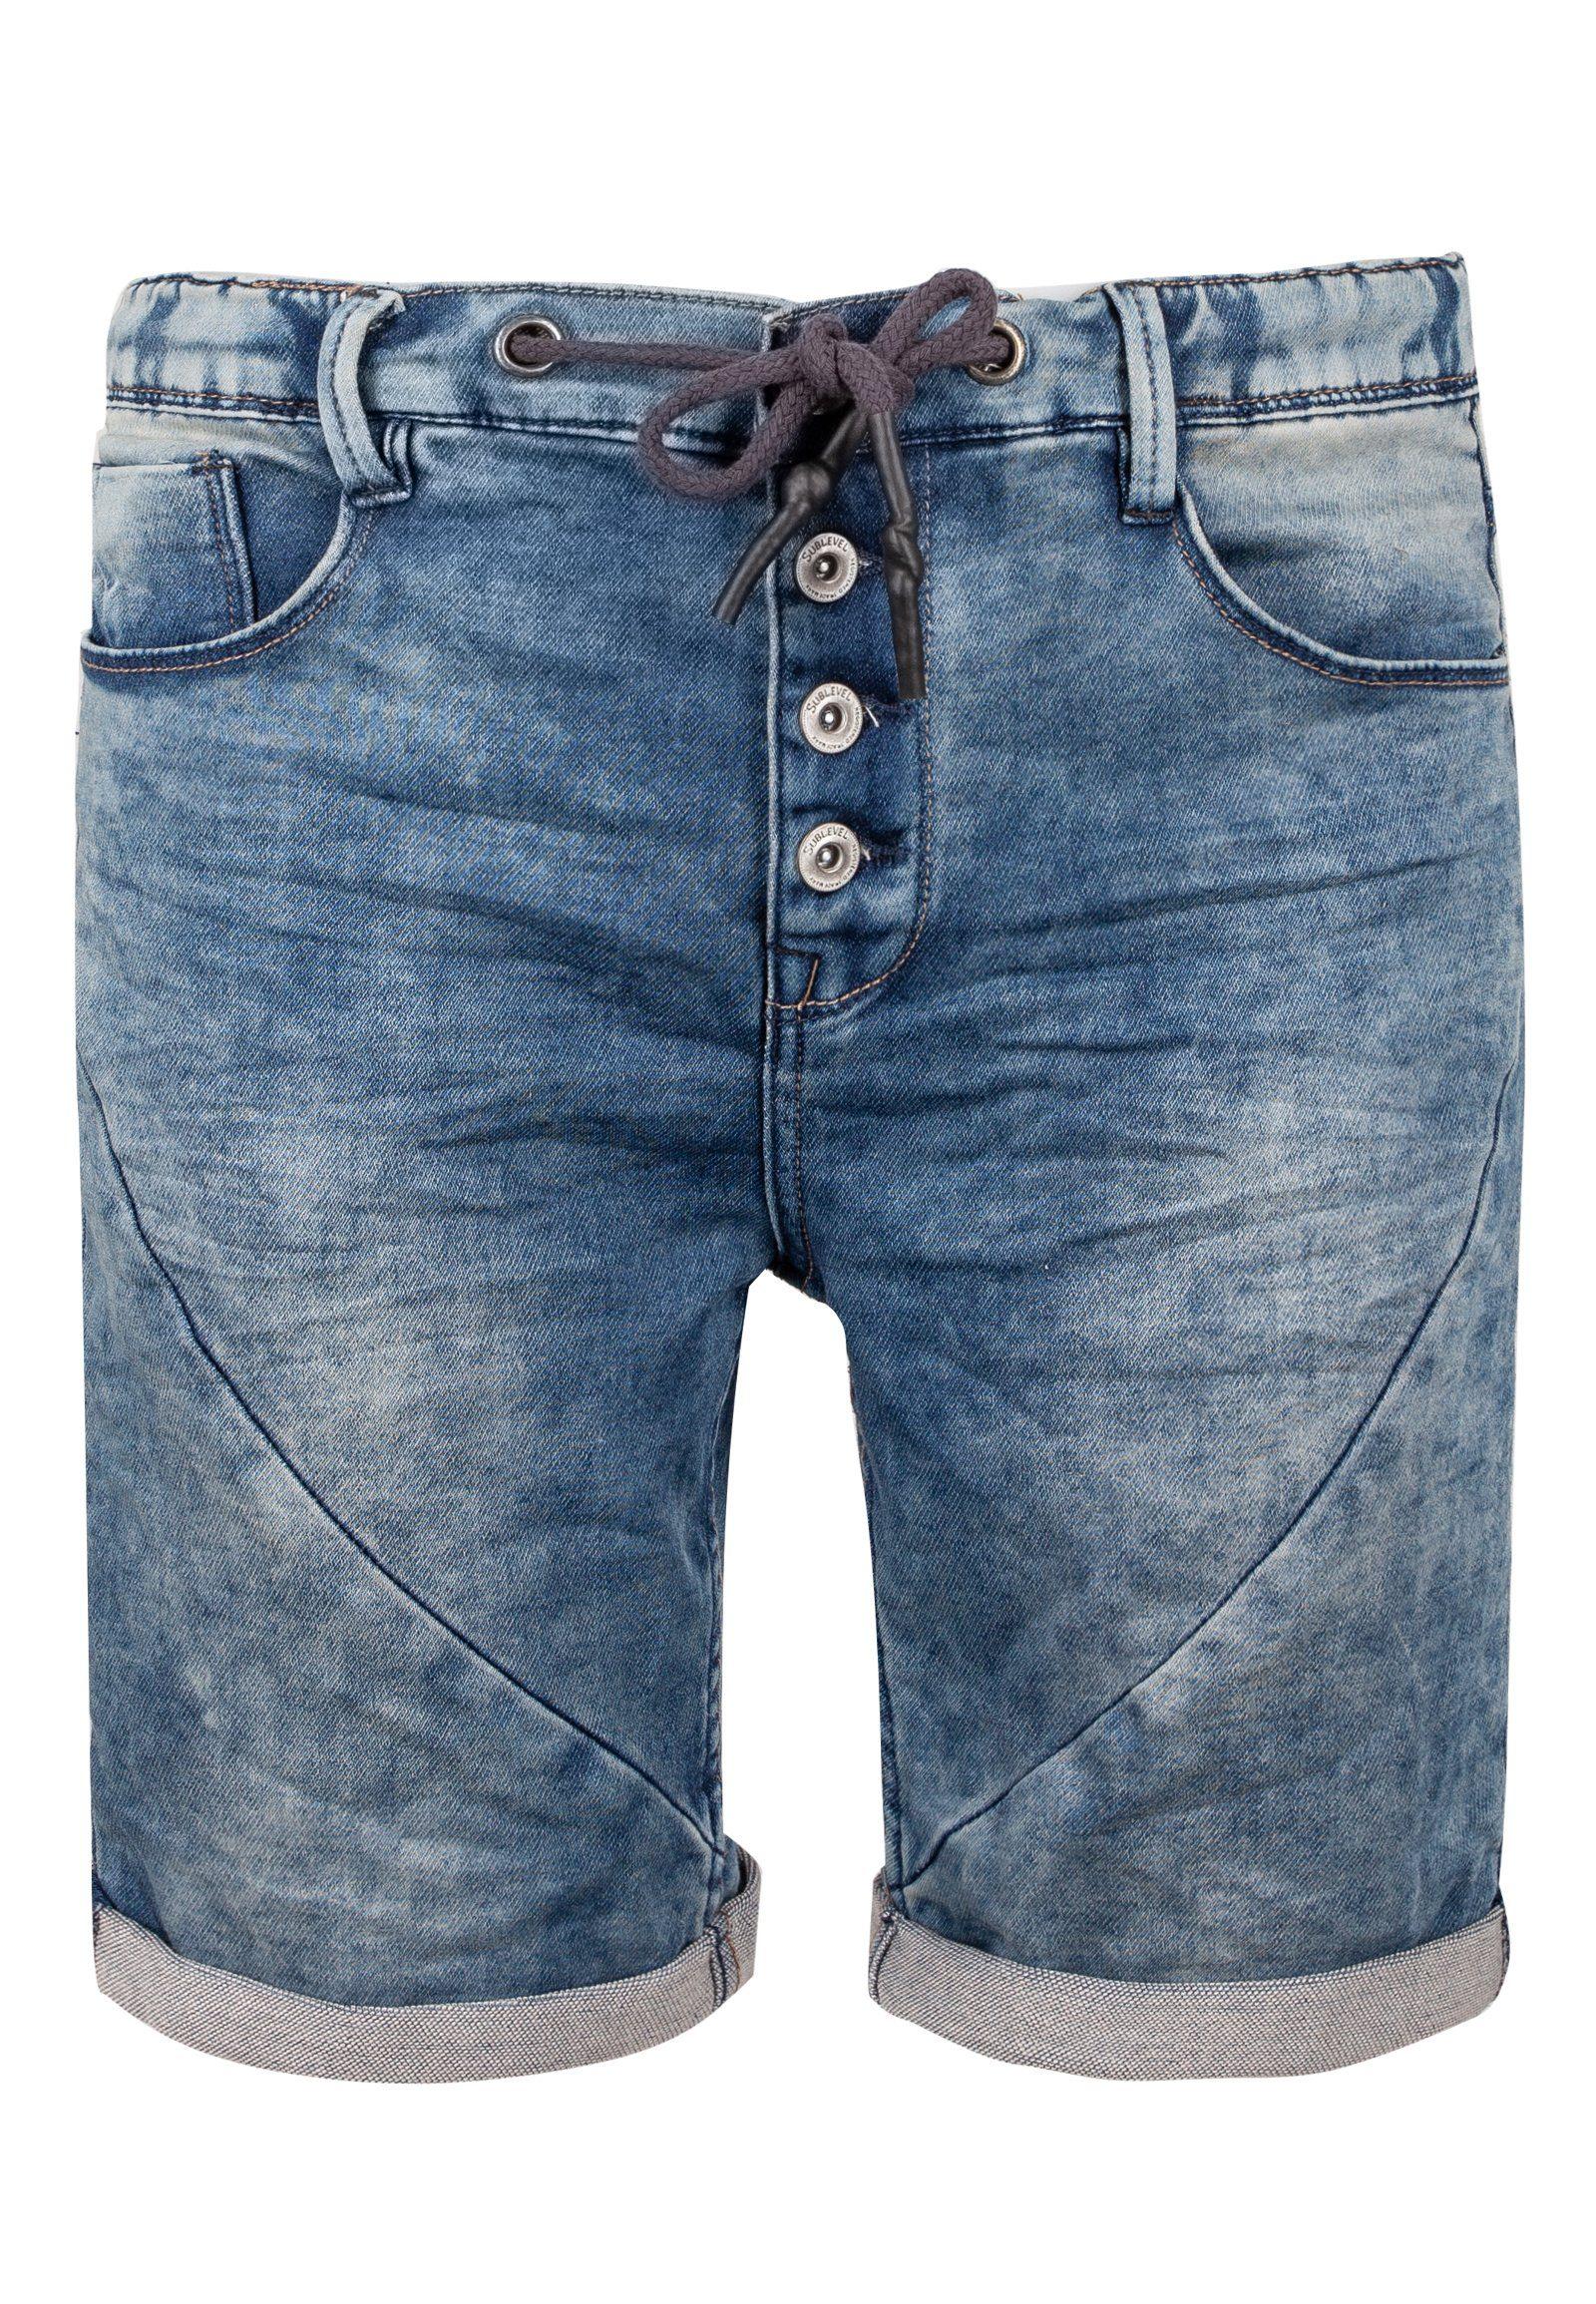 SUBLEVEL Sweatjeansbermudas | Bekleidung > Shorts & Bermudas > Jeans Bermudas | Blau | Denim - Jeans | Sublevel